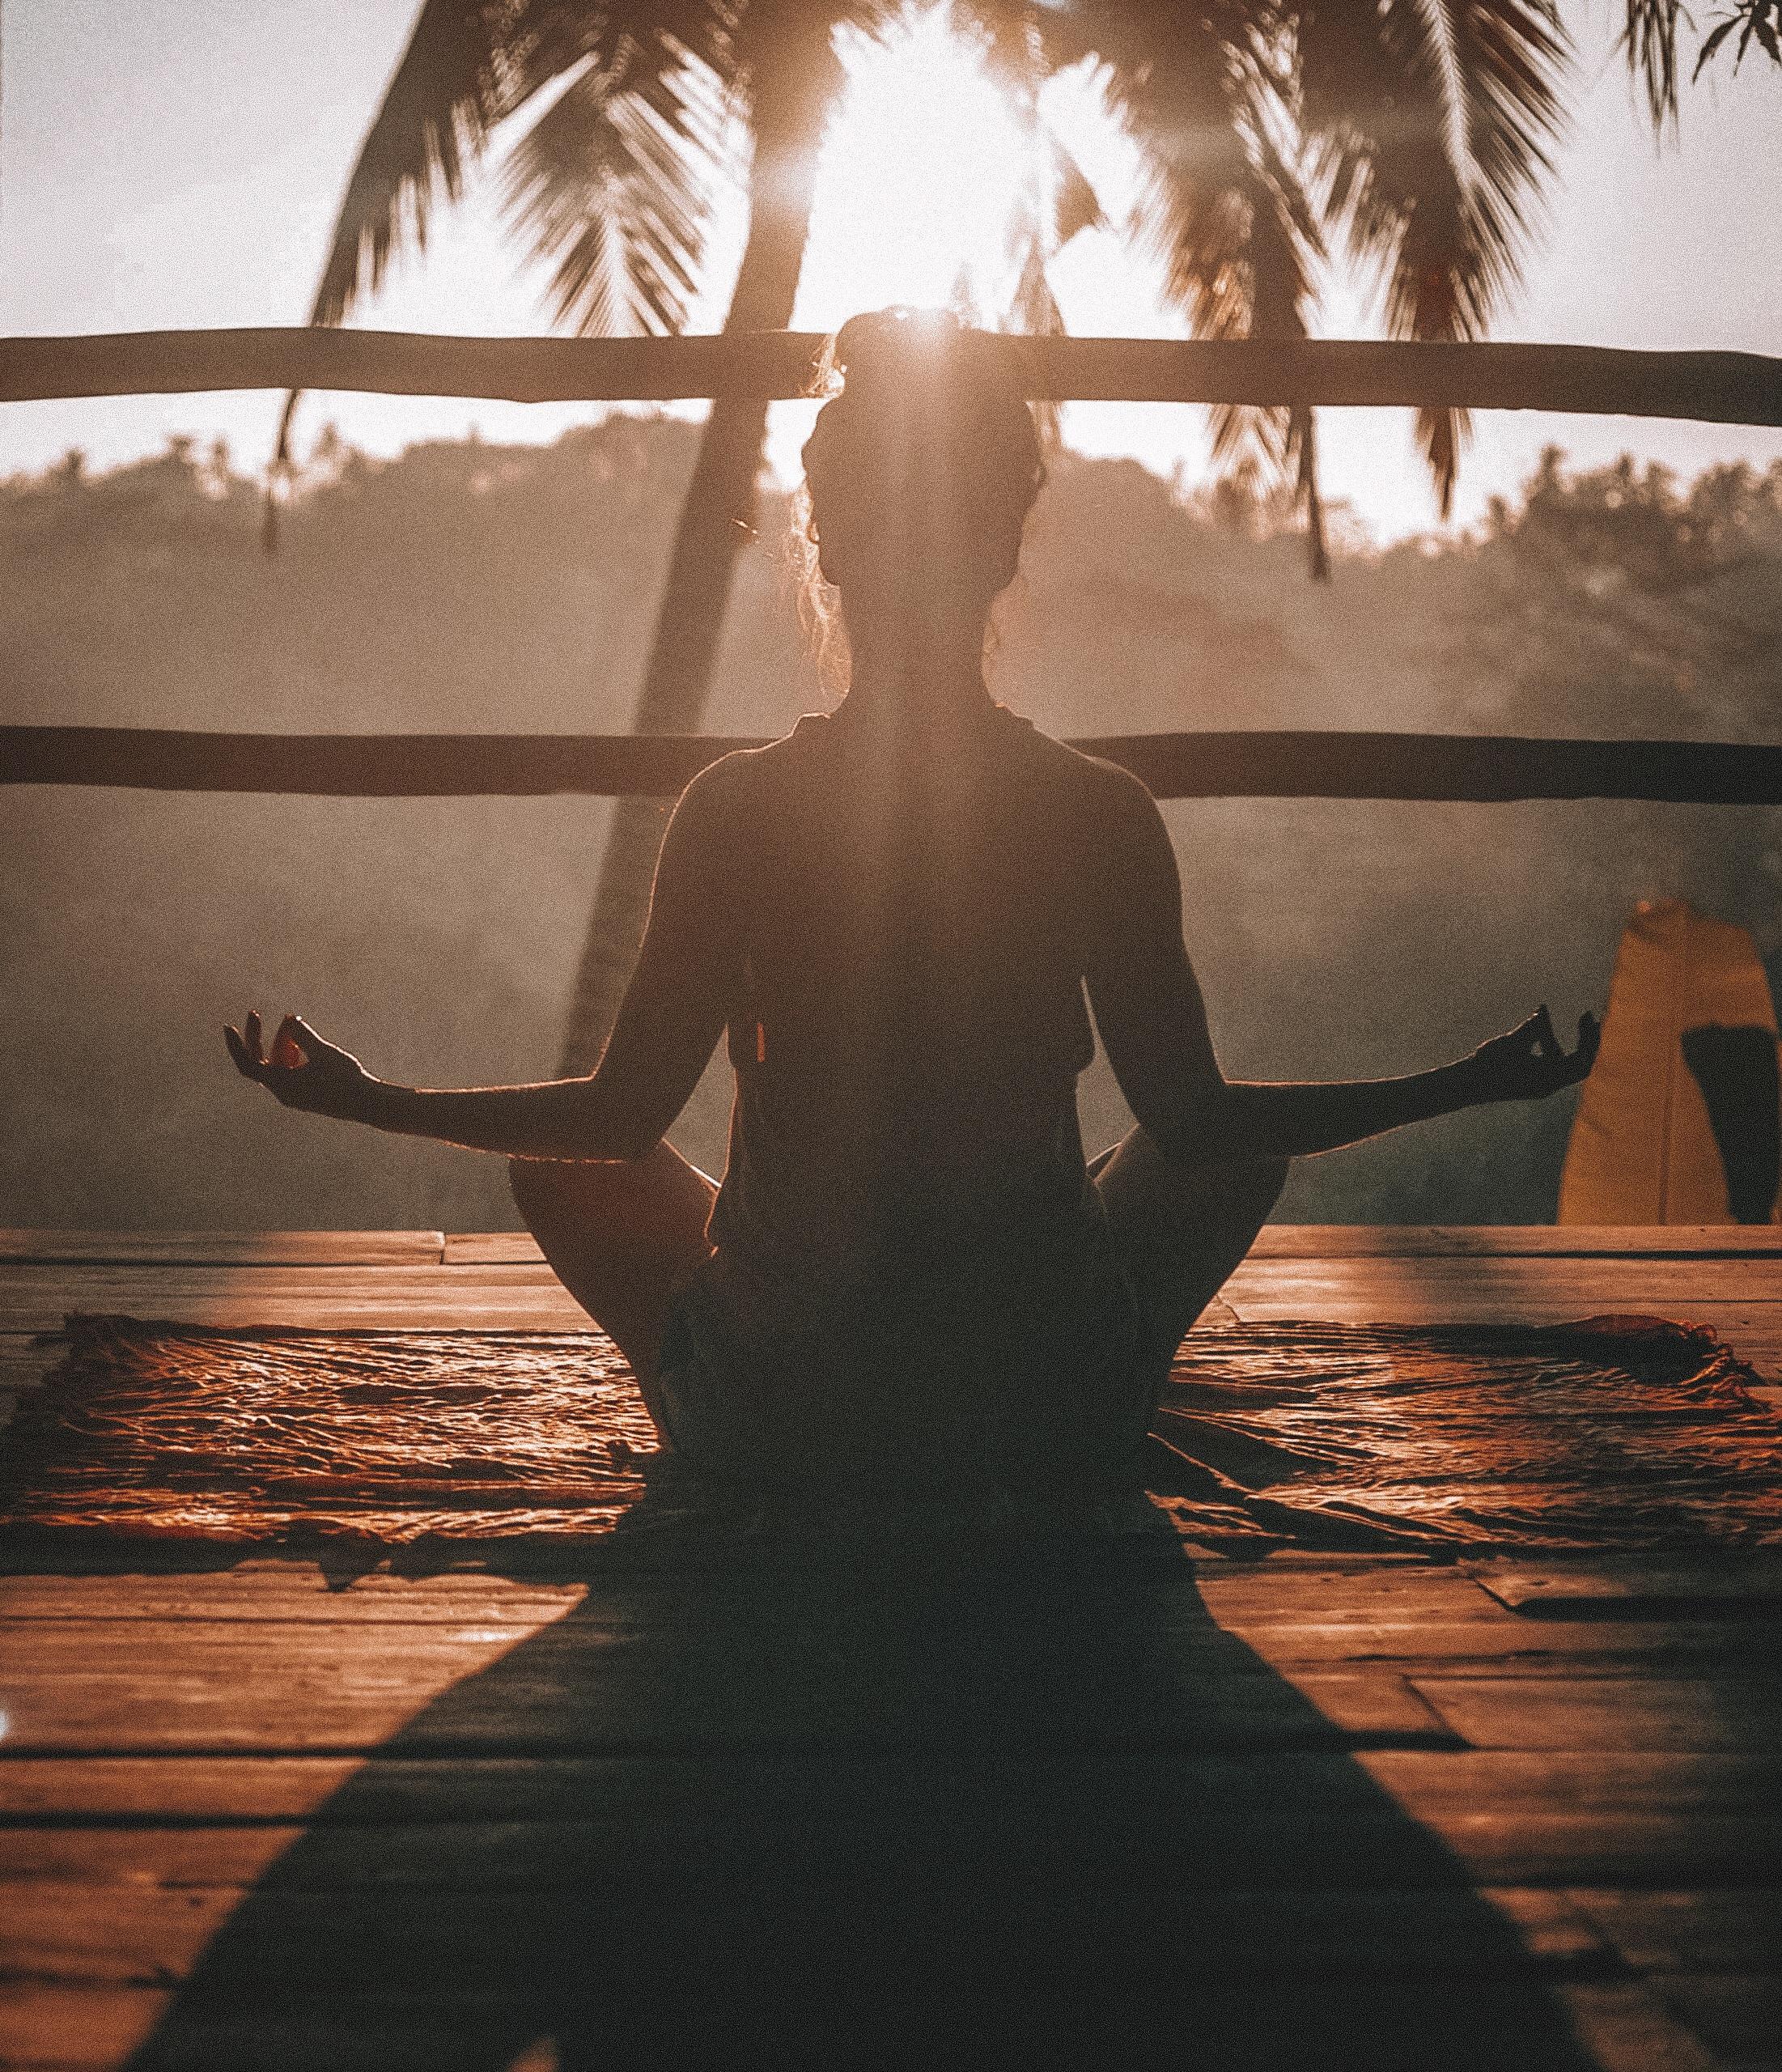 Spiritual delight spirituality stories